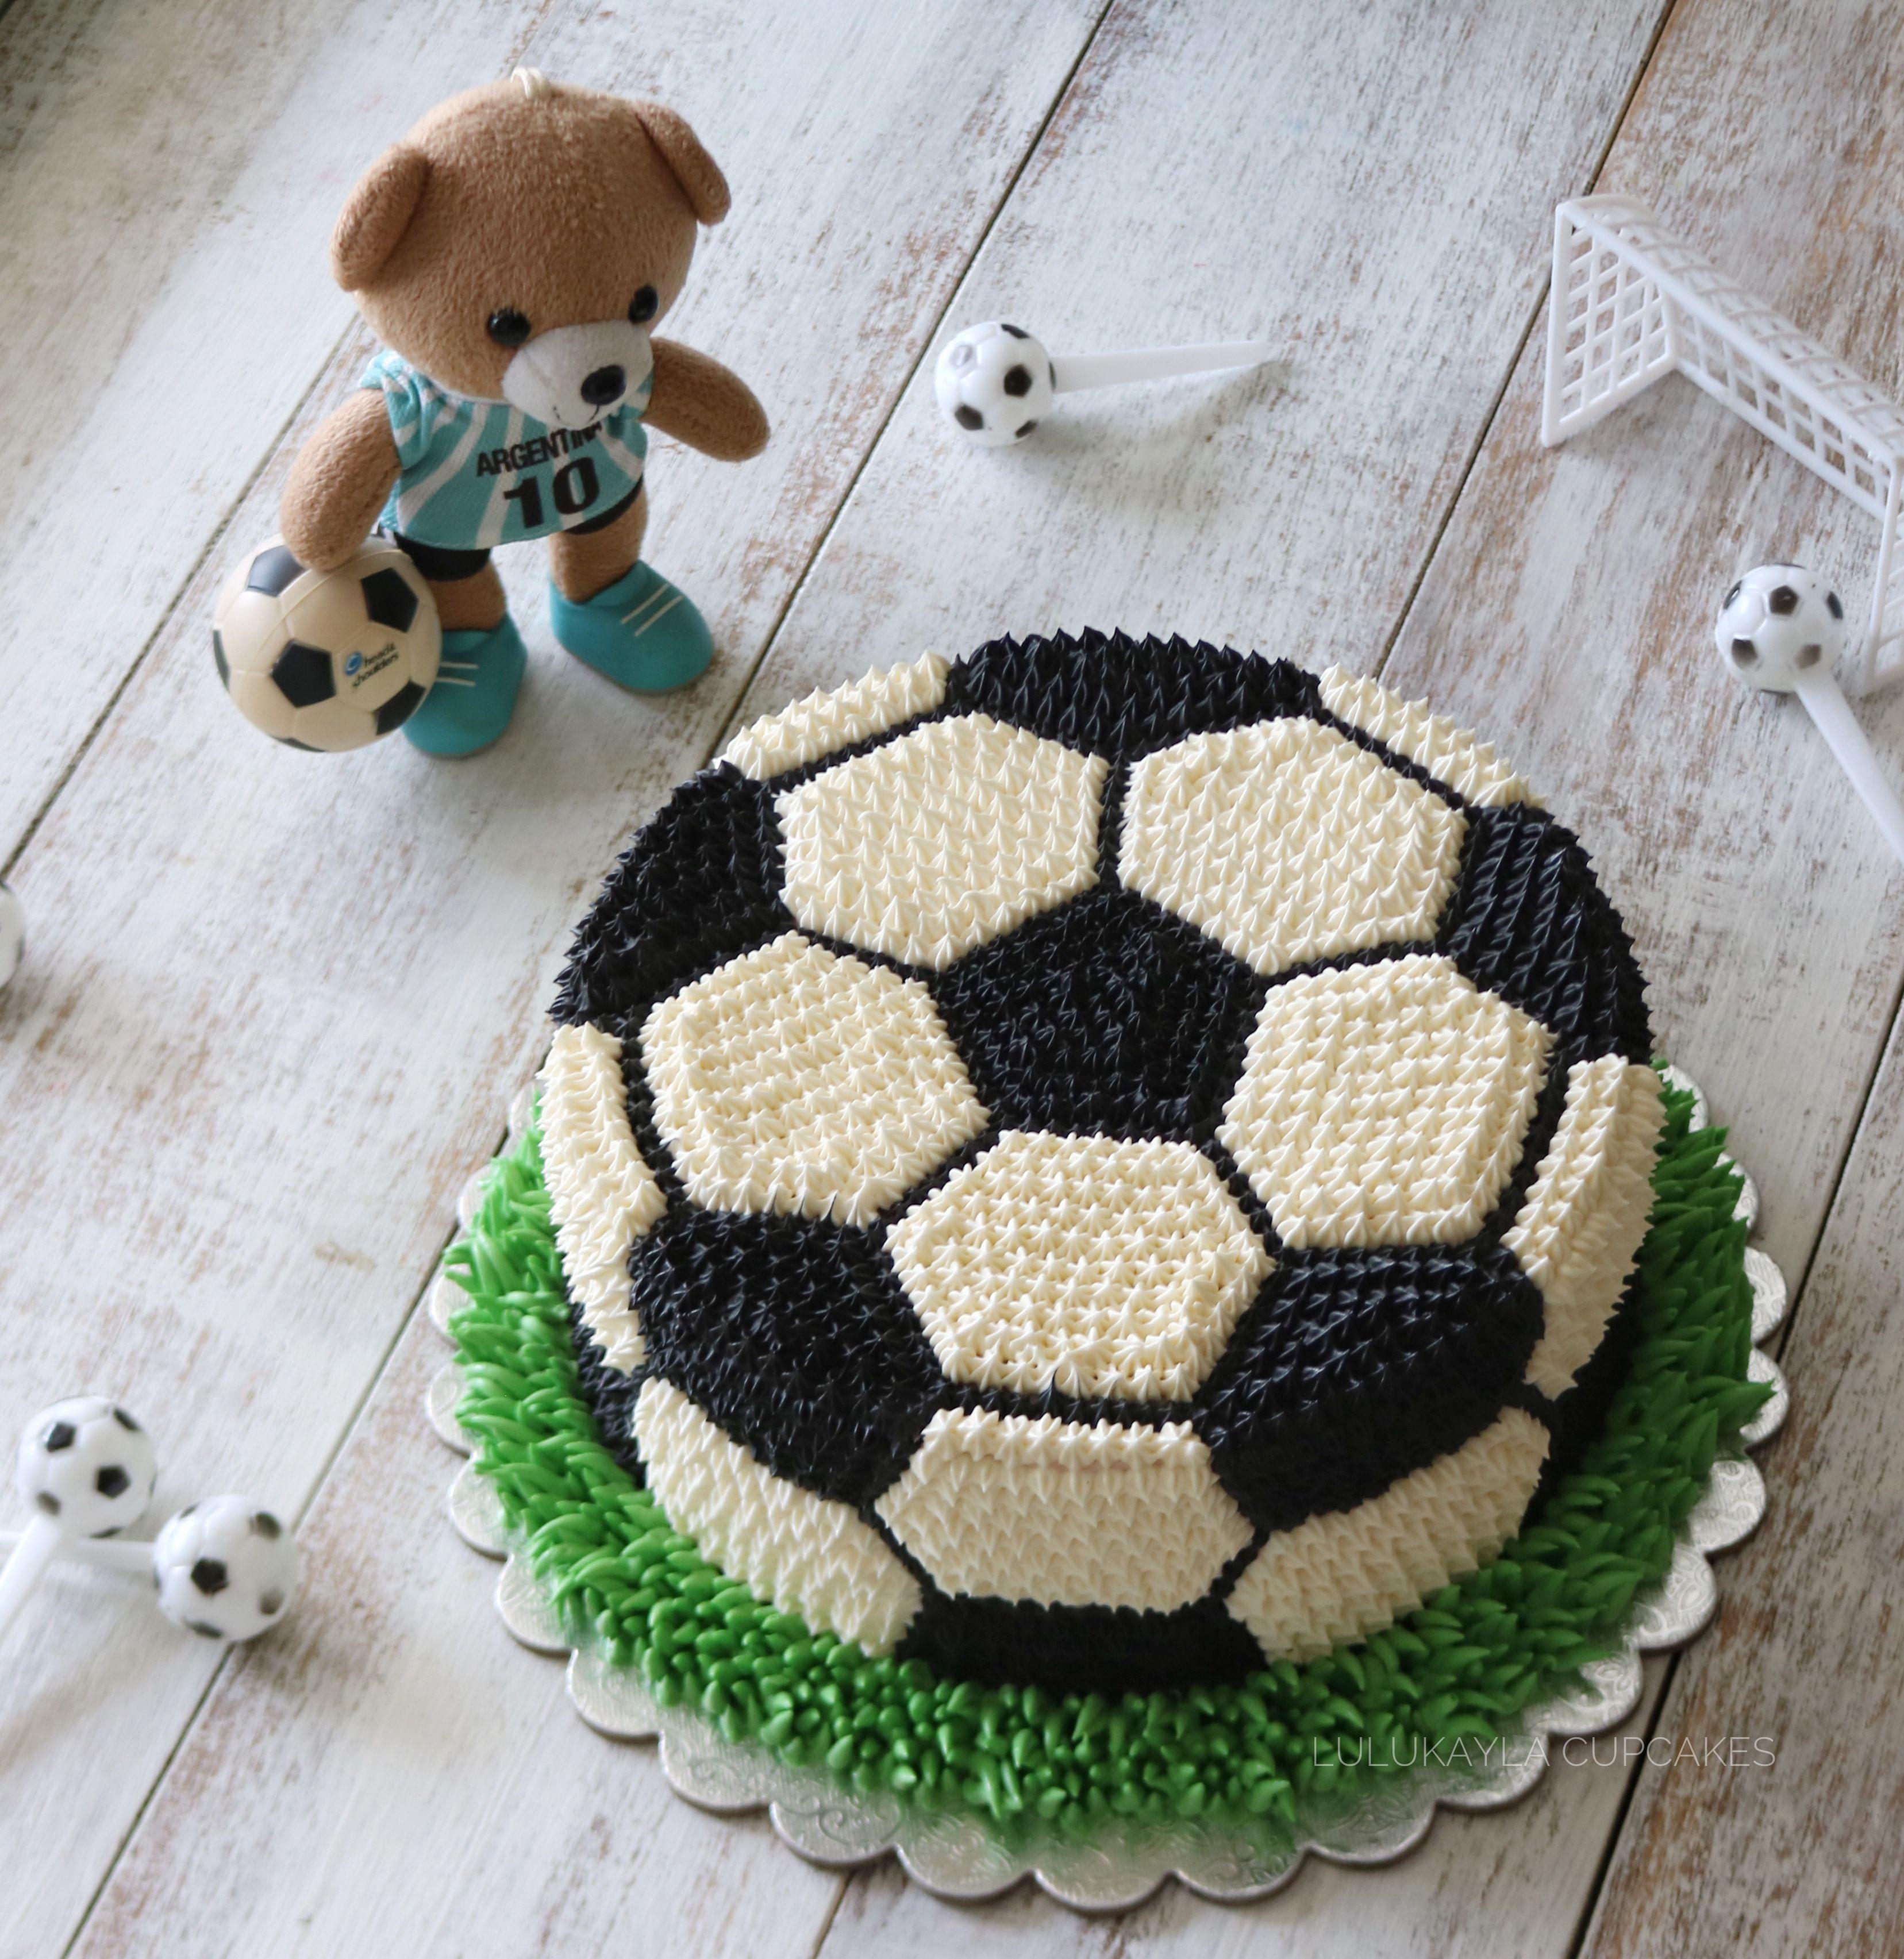 Soccerball Birthdaycake Tortas Deportivas Tortas De Cumpleanos De Futbol Pasteles De Cumpleanos De Futbol